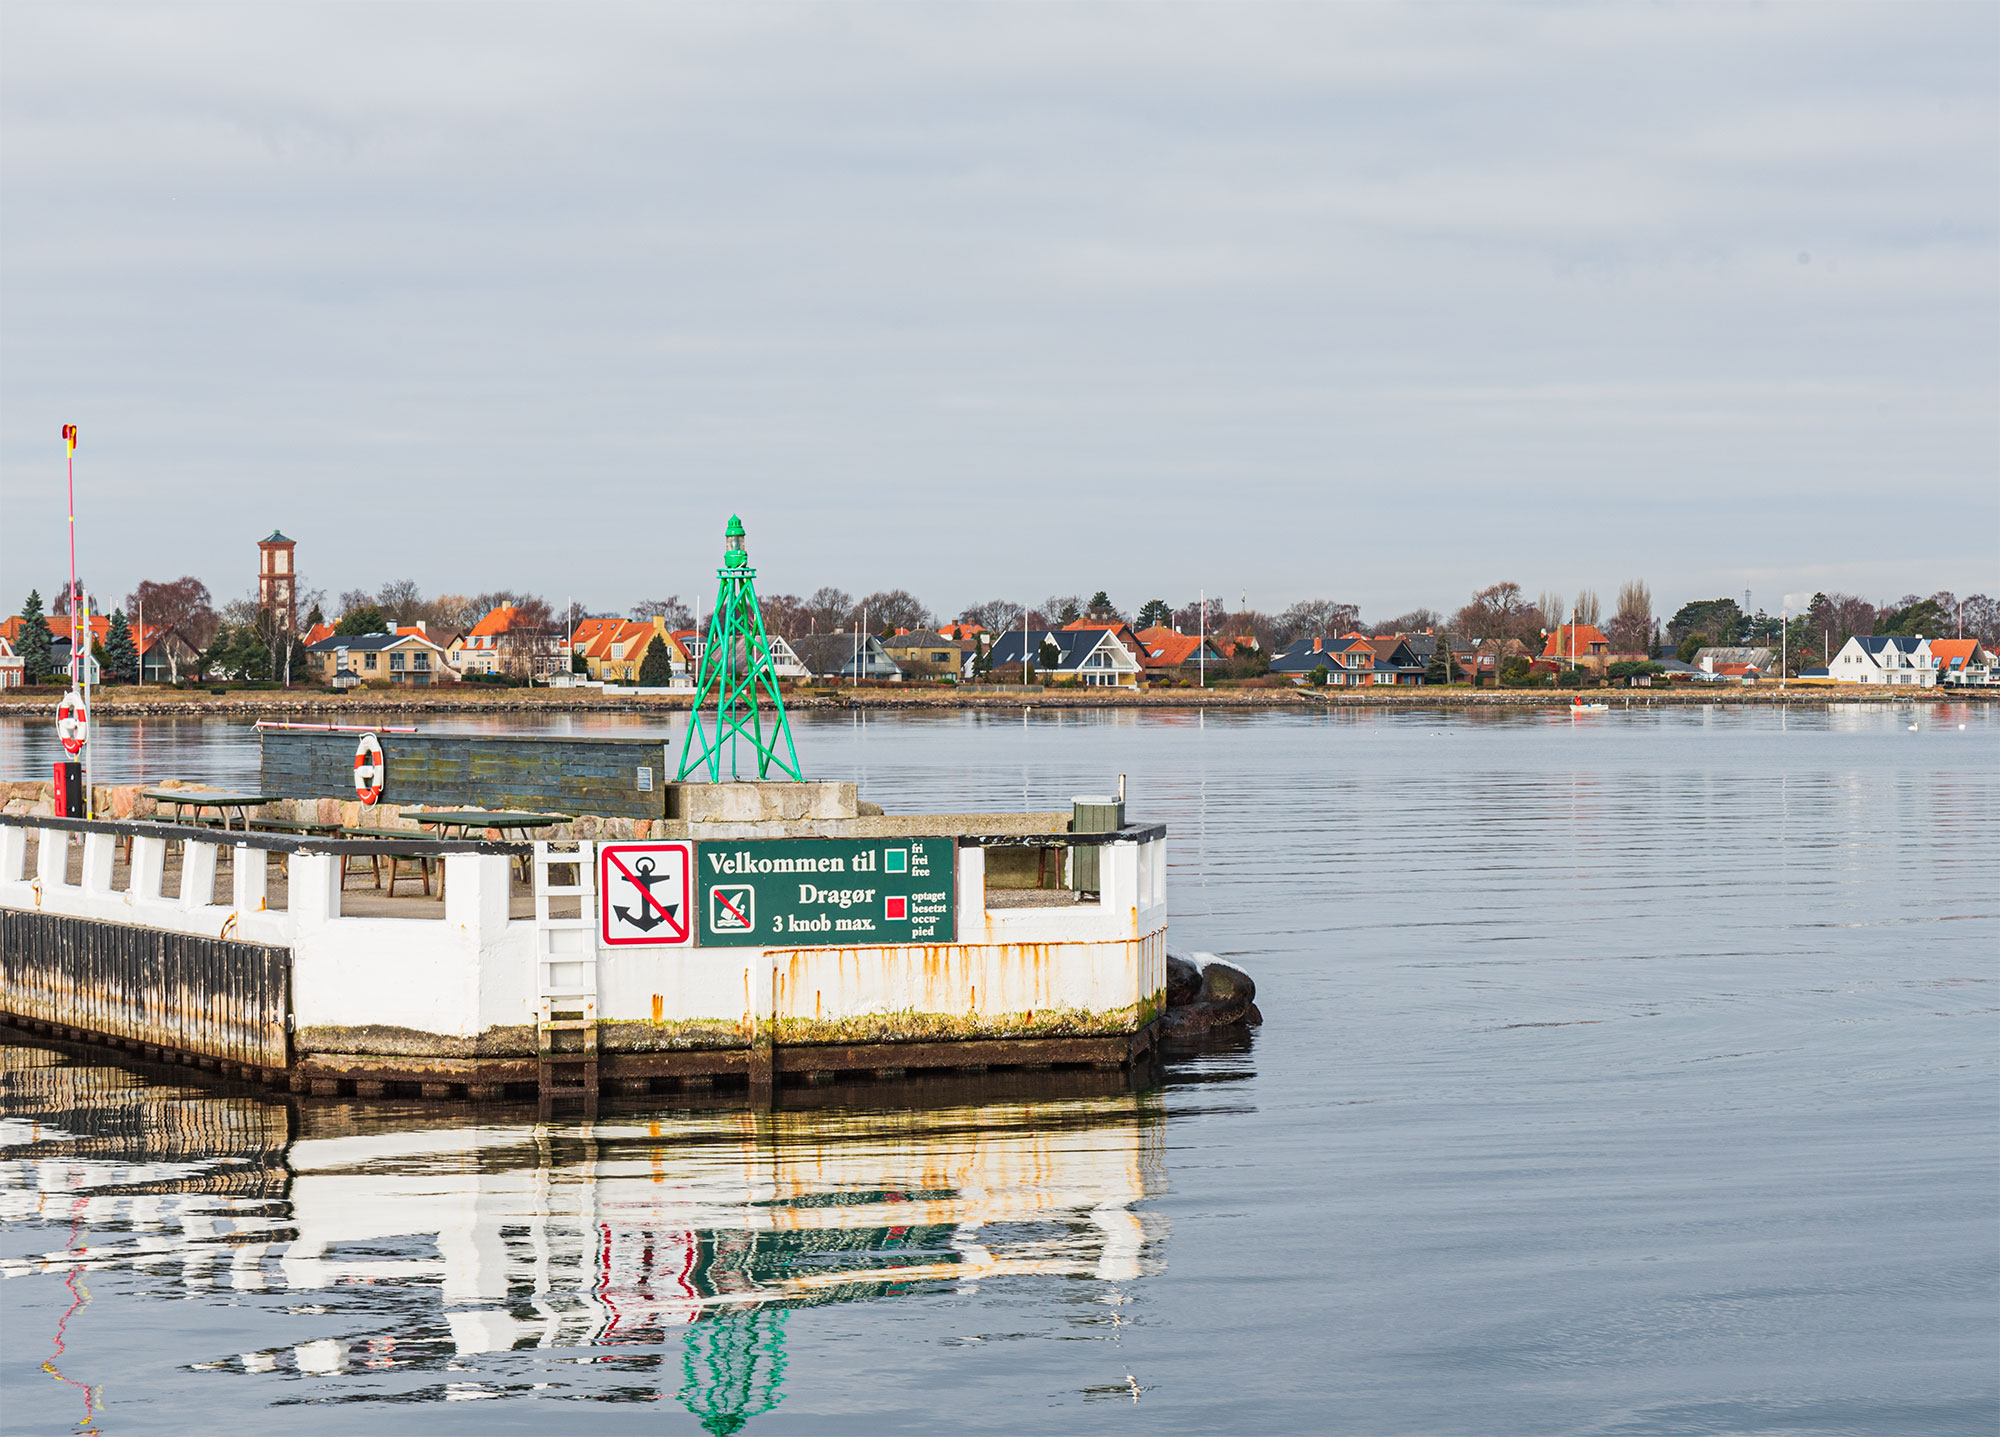 Indsejlingen til Dragør Havn. Foto: Thomas Mose.